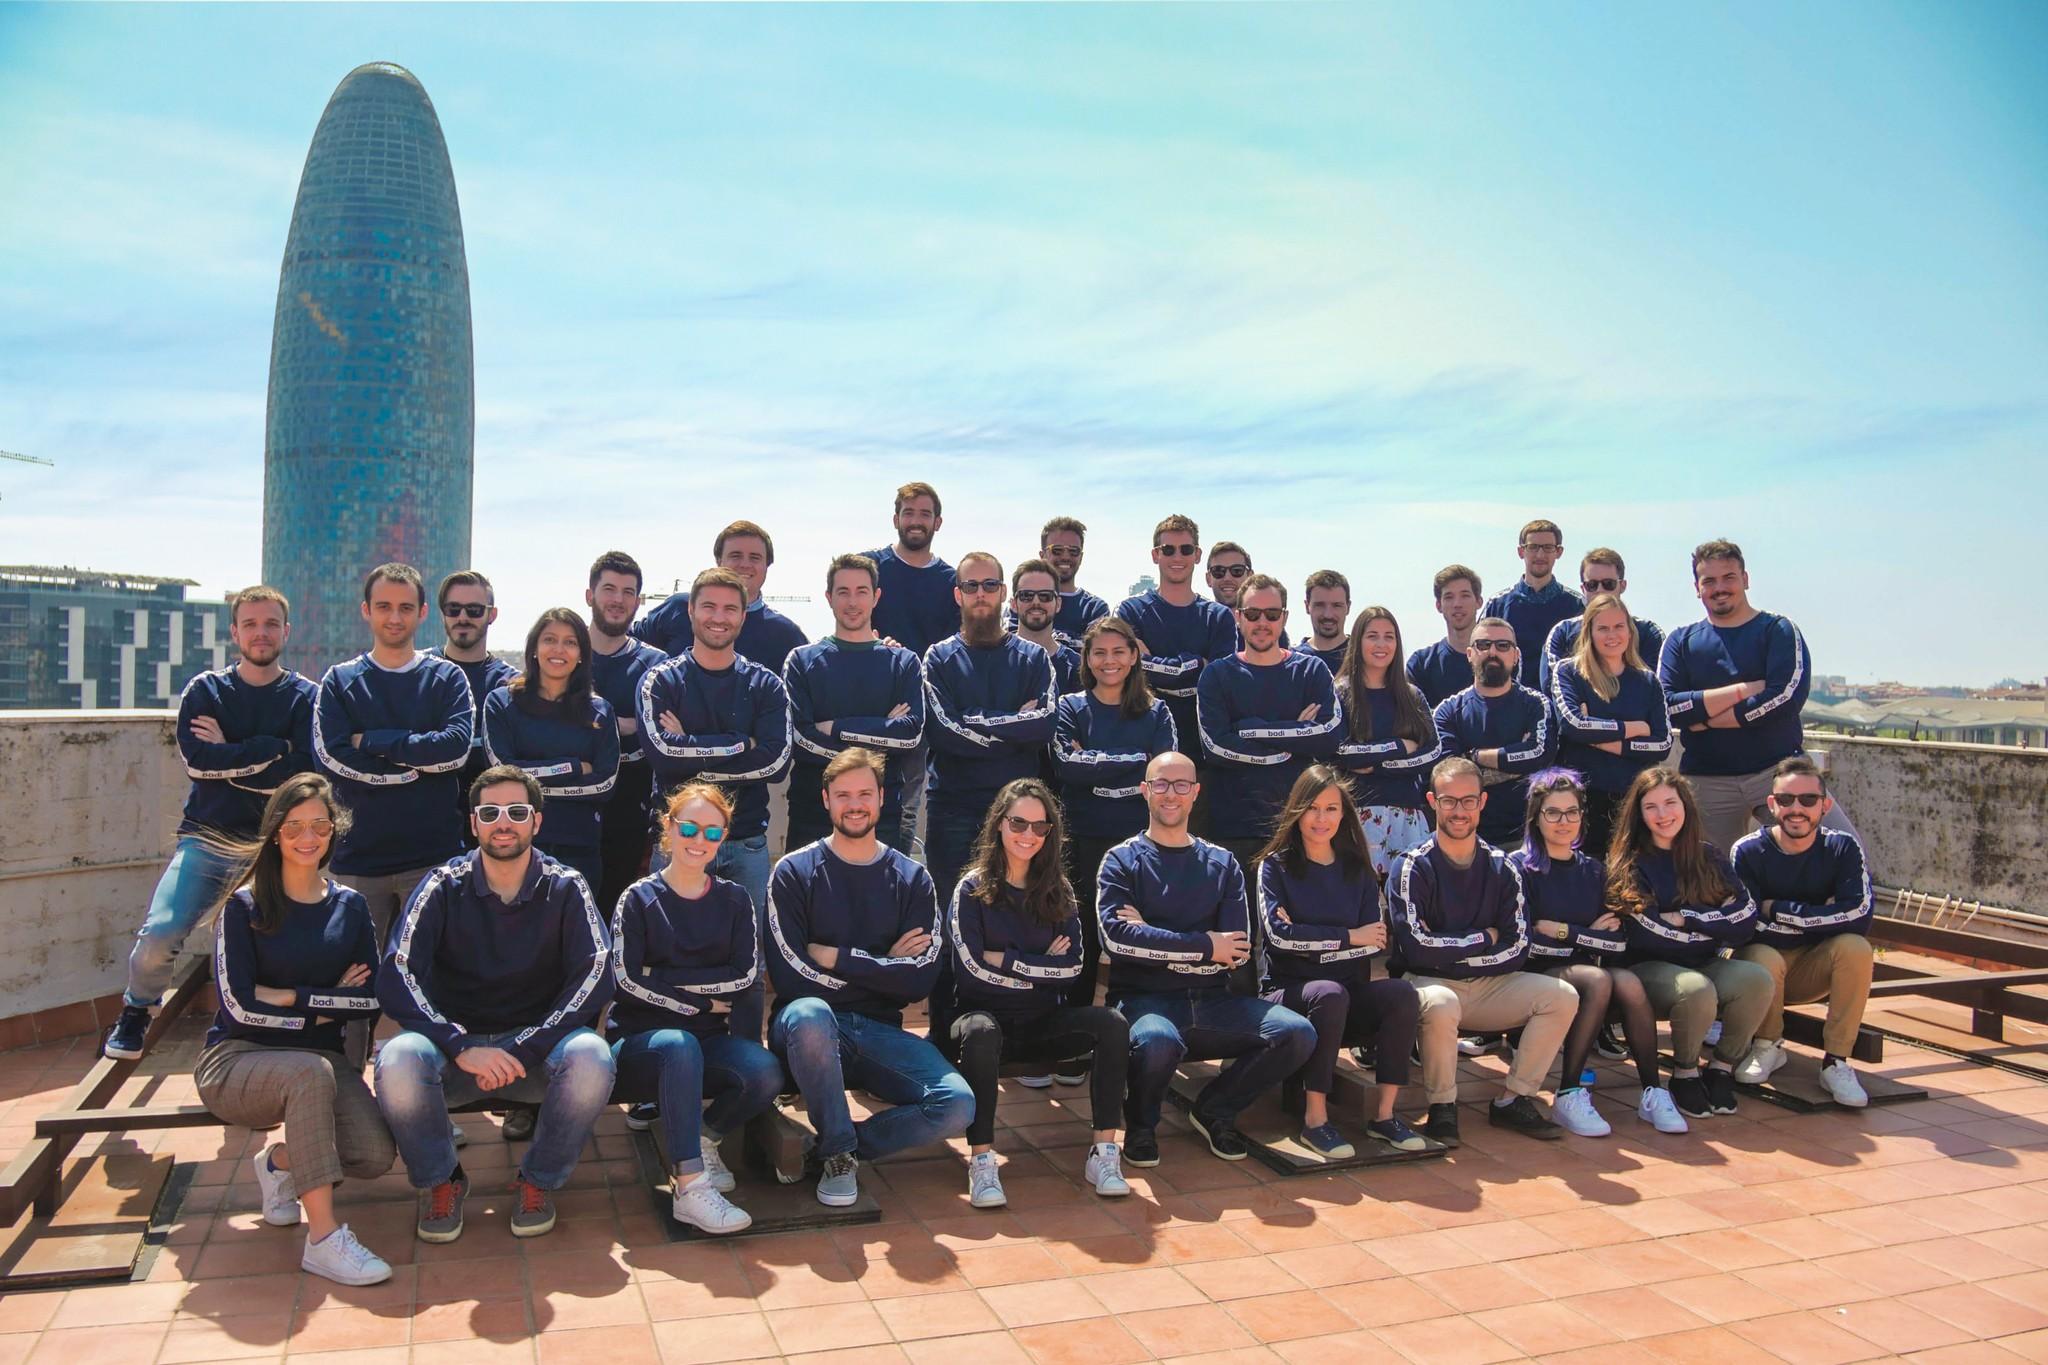 Calendario Champions League 2019 Barcelona Mejores Y Más Novedosos Barcelona La Ciudad Más Emprendedora De Espa±a